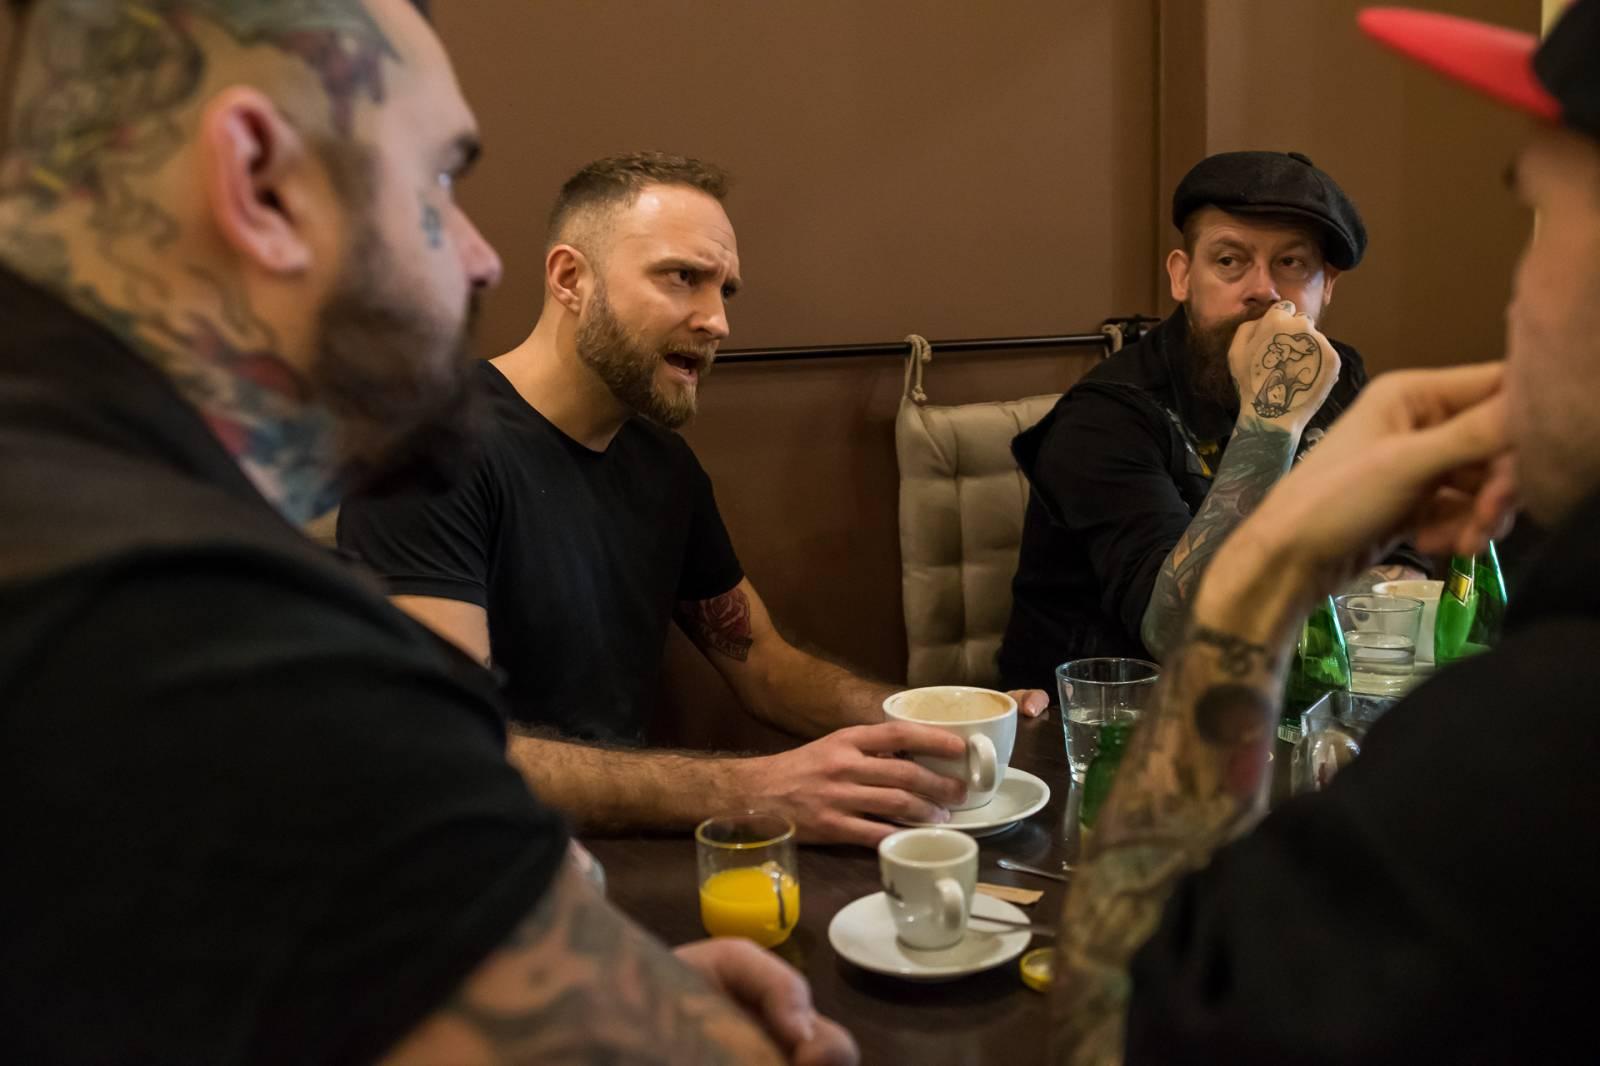 Pipes and Pints interview: Byli jsme smíření s možností, že už se nevrátíme